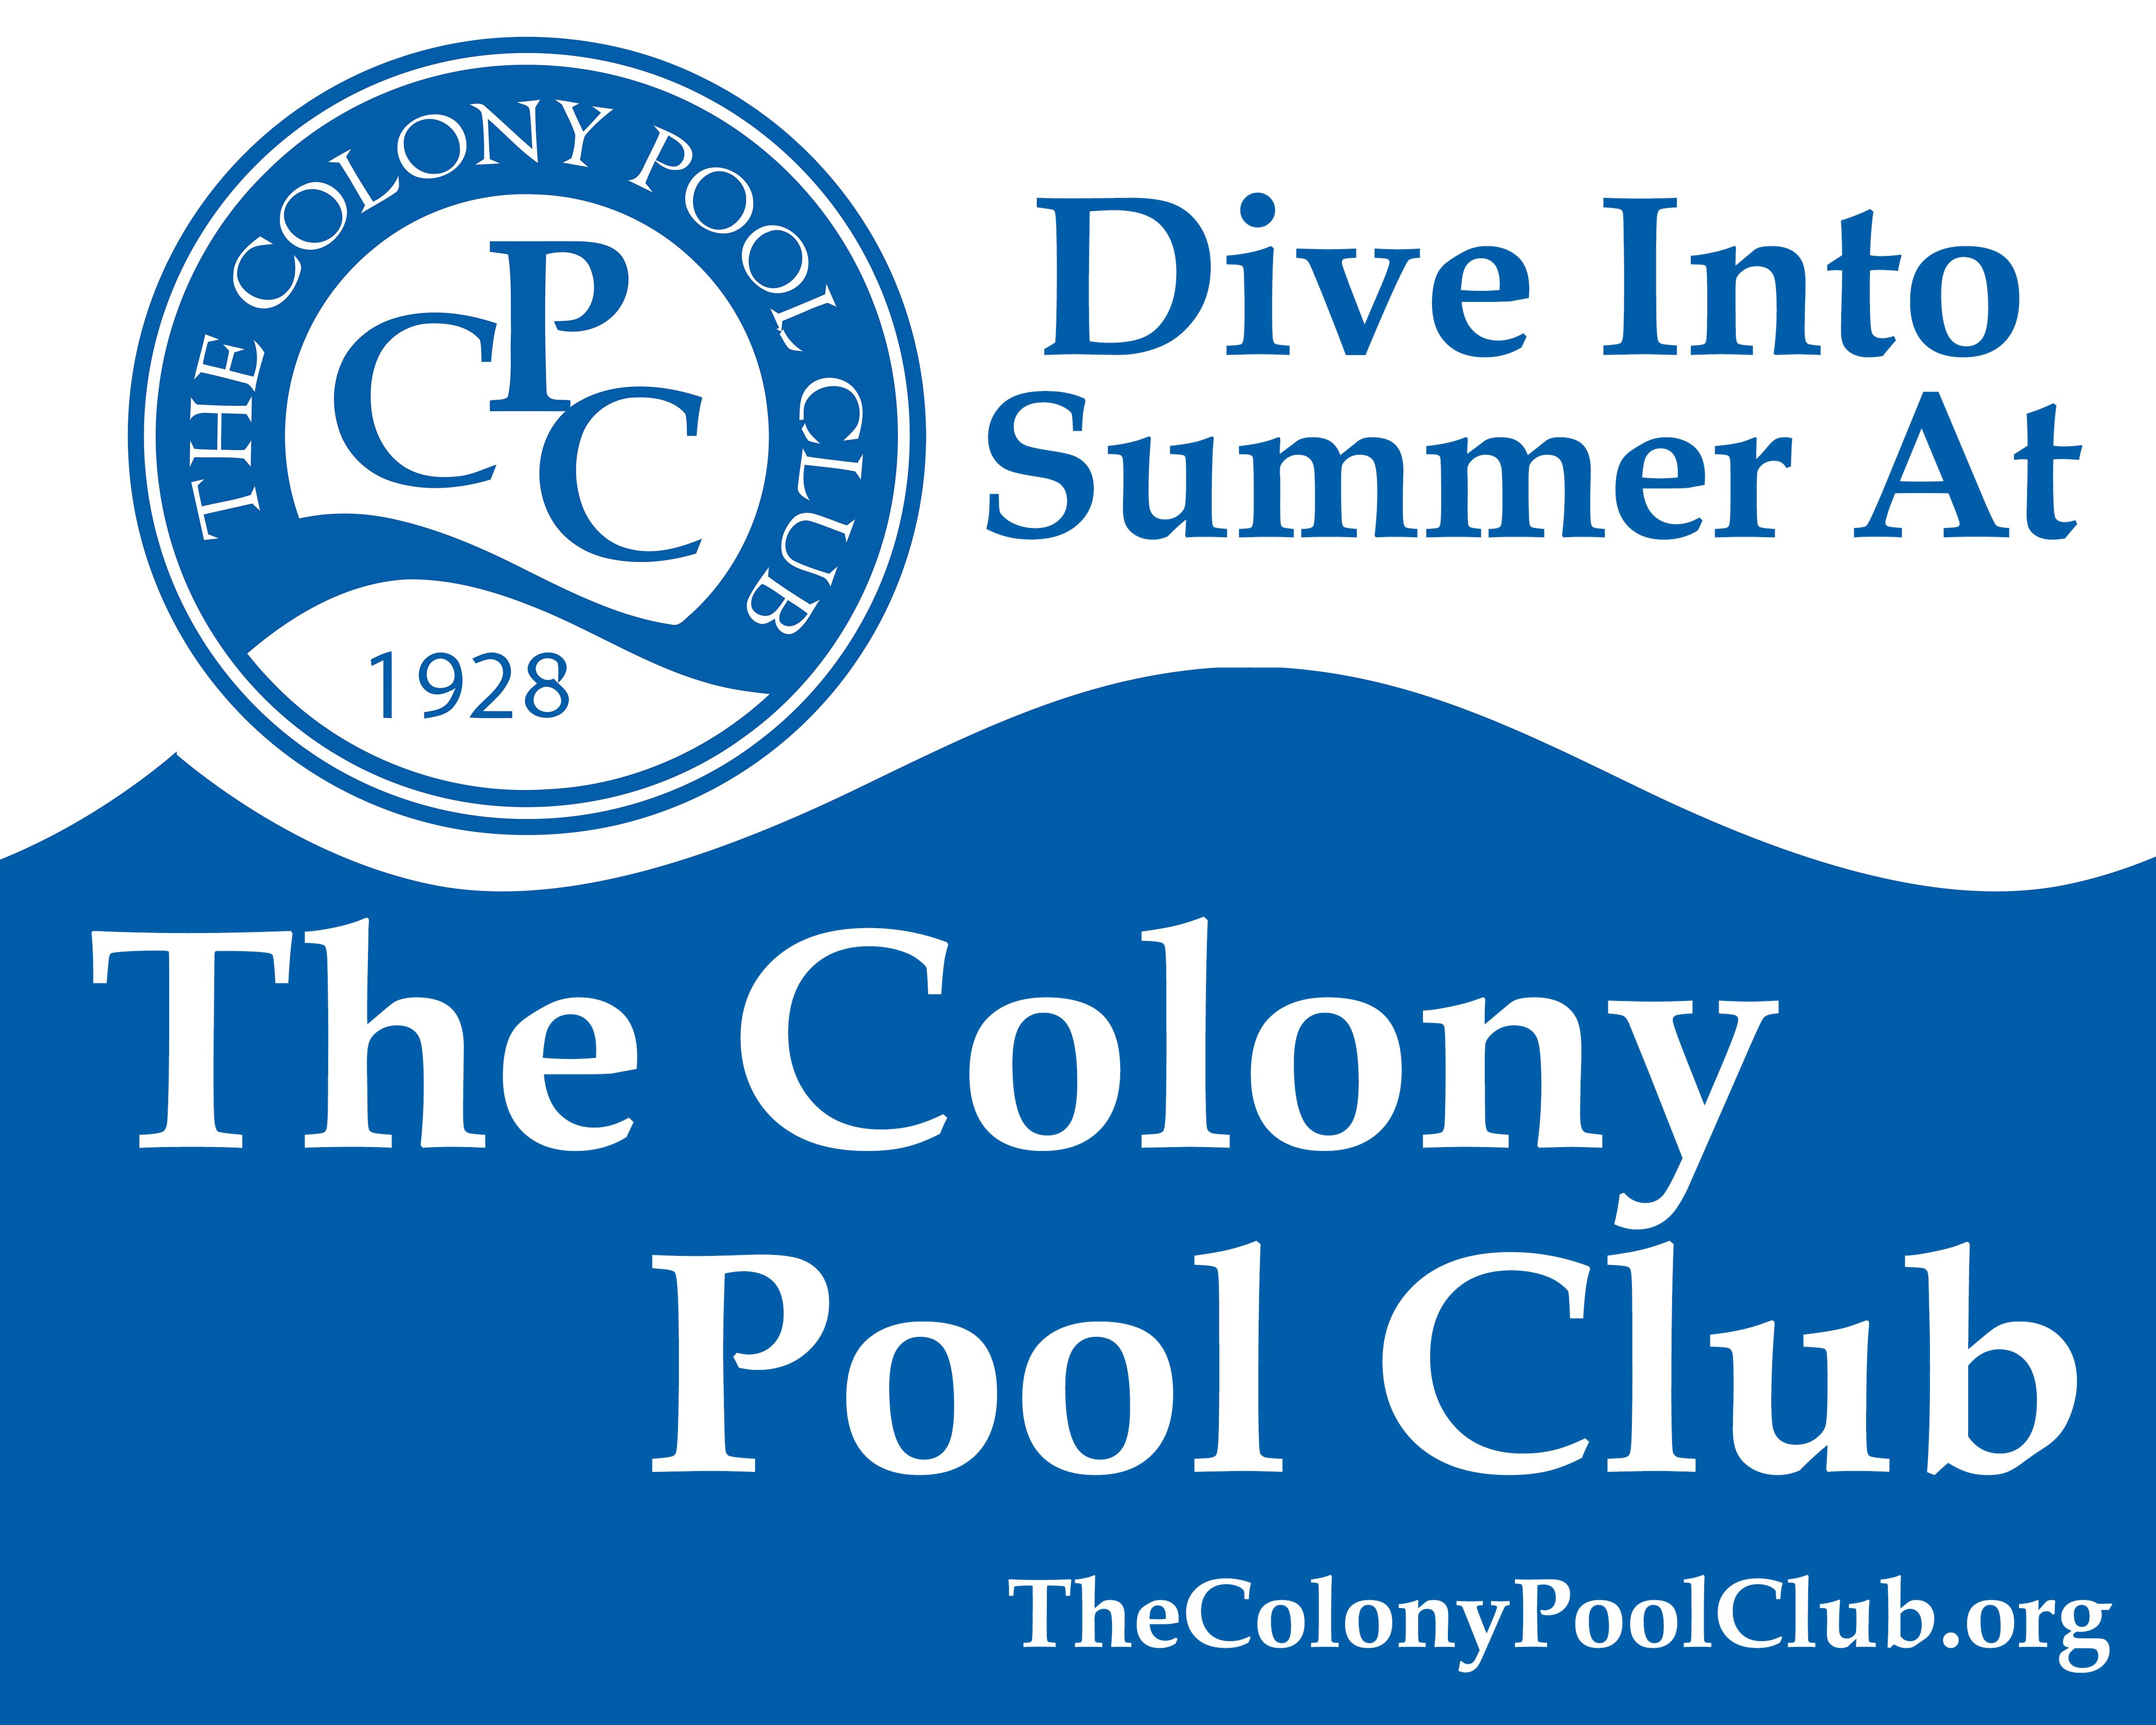 b6283e974a8dc9366628_the-colony-pool-club-flag-C.jpg